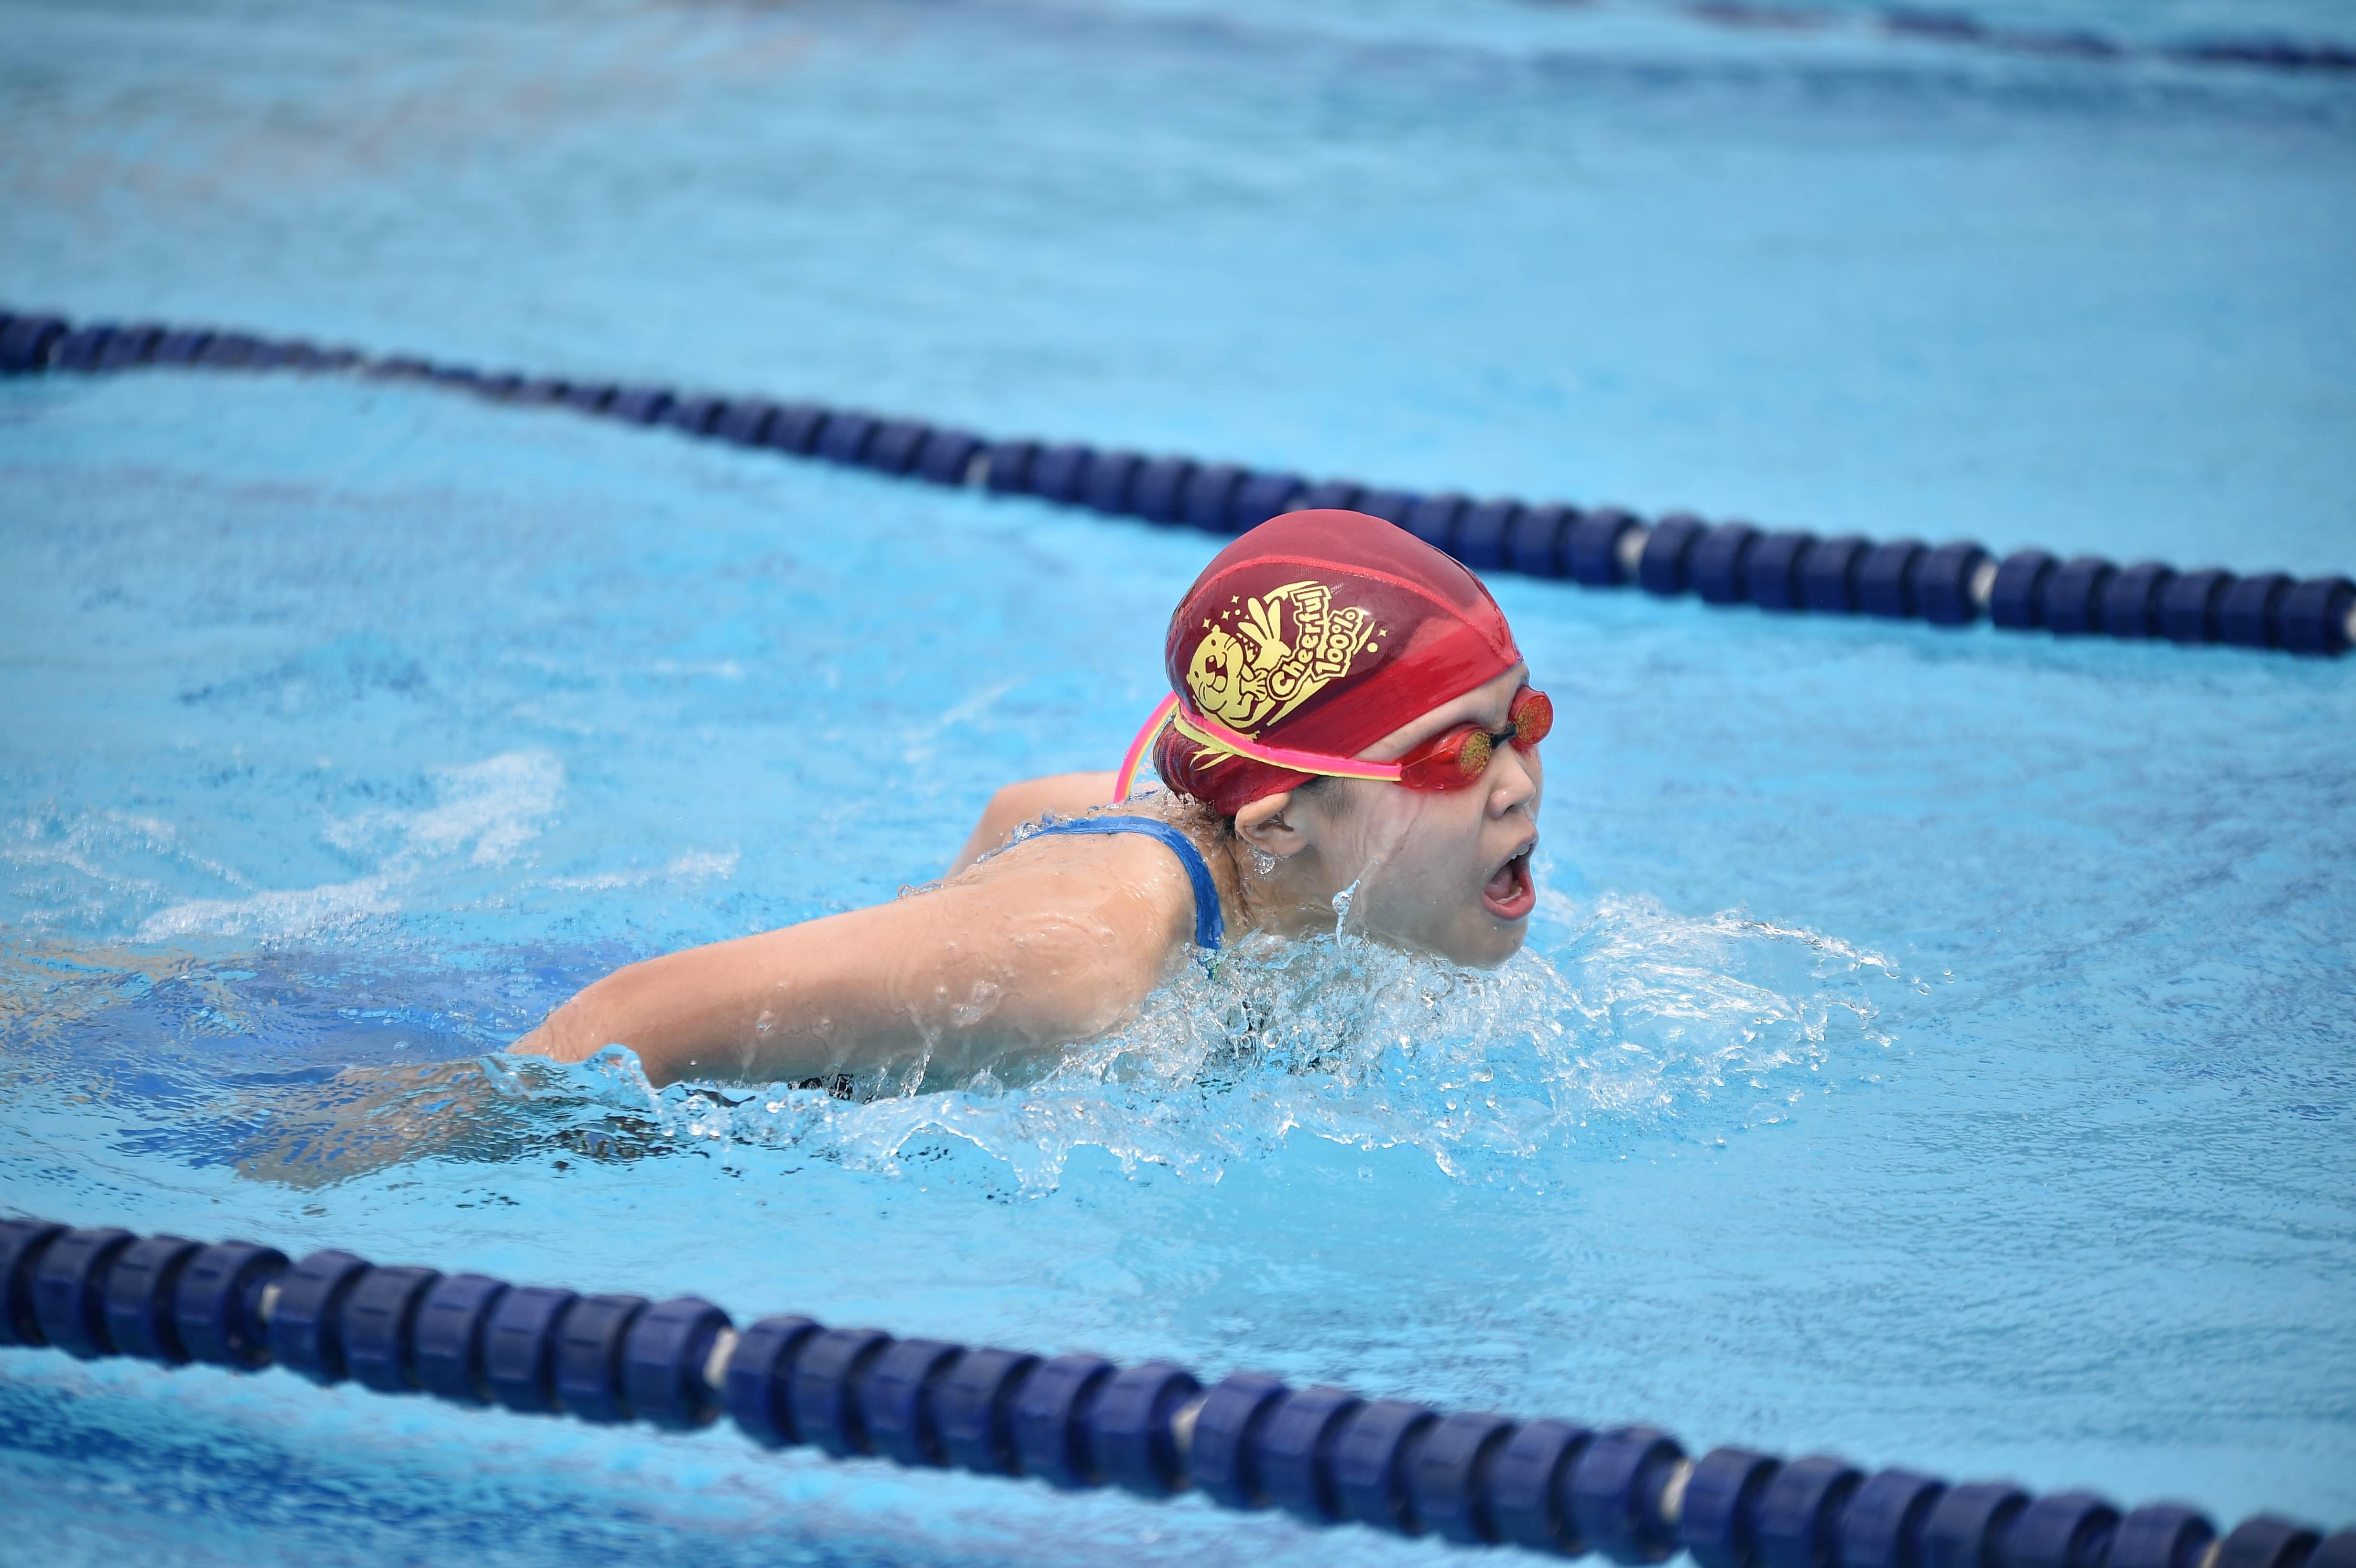 水泳 (26)